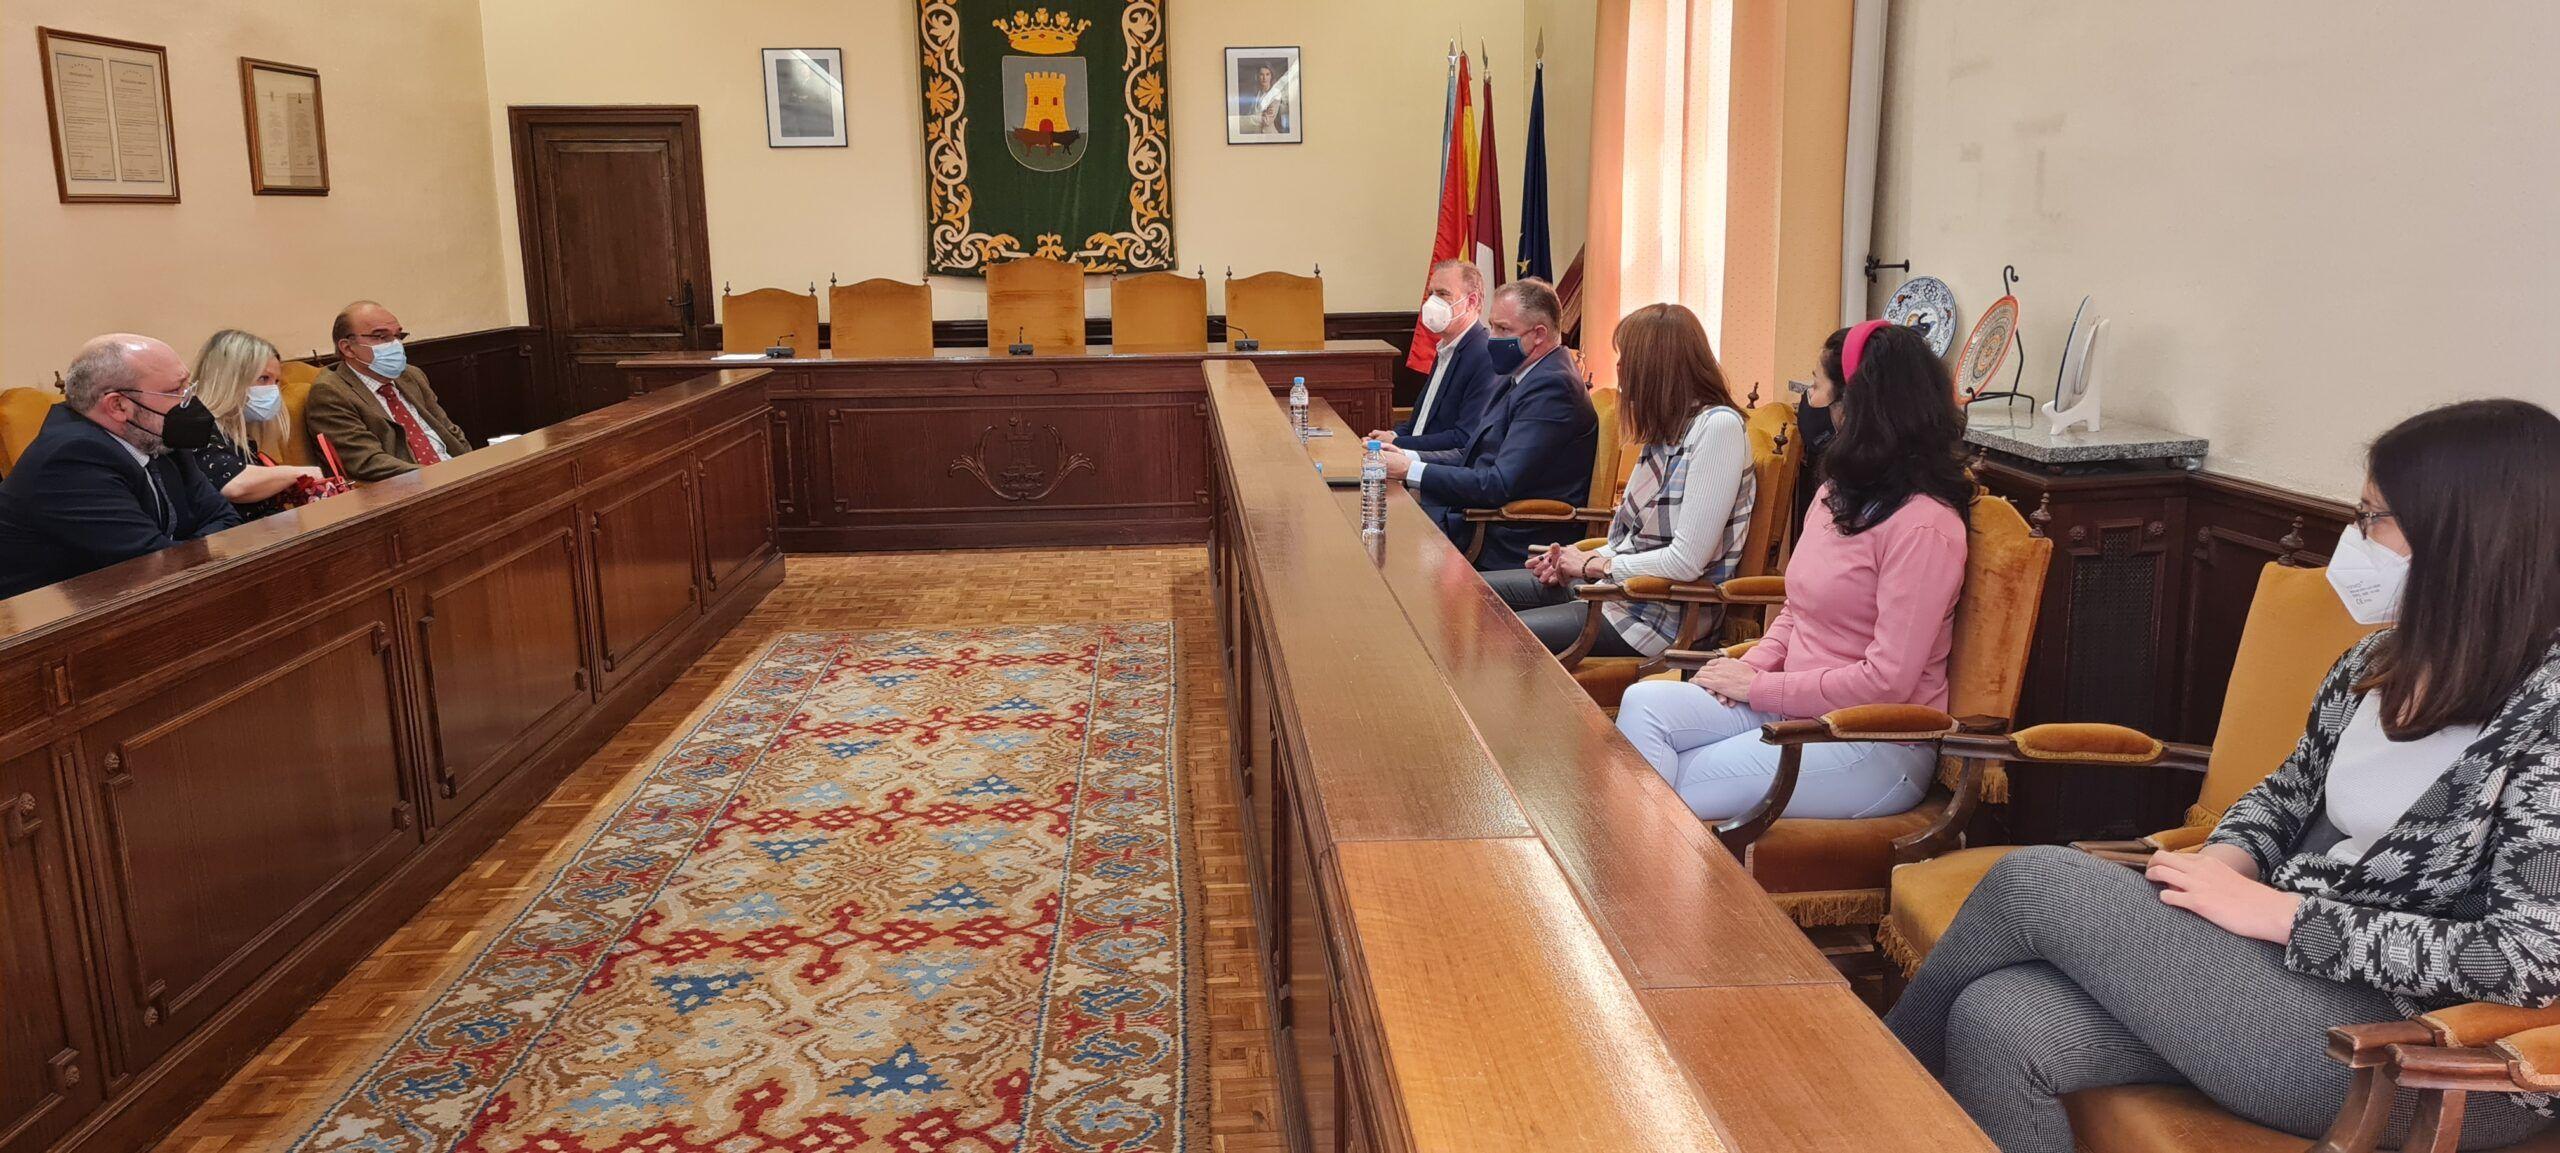 El Ayuntamiento y el Colegio de Registradores de la Propiedad de CLM colaborarán para el mejor desarrollo de Talavera de la Reina